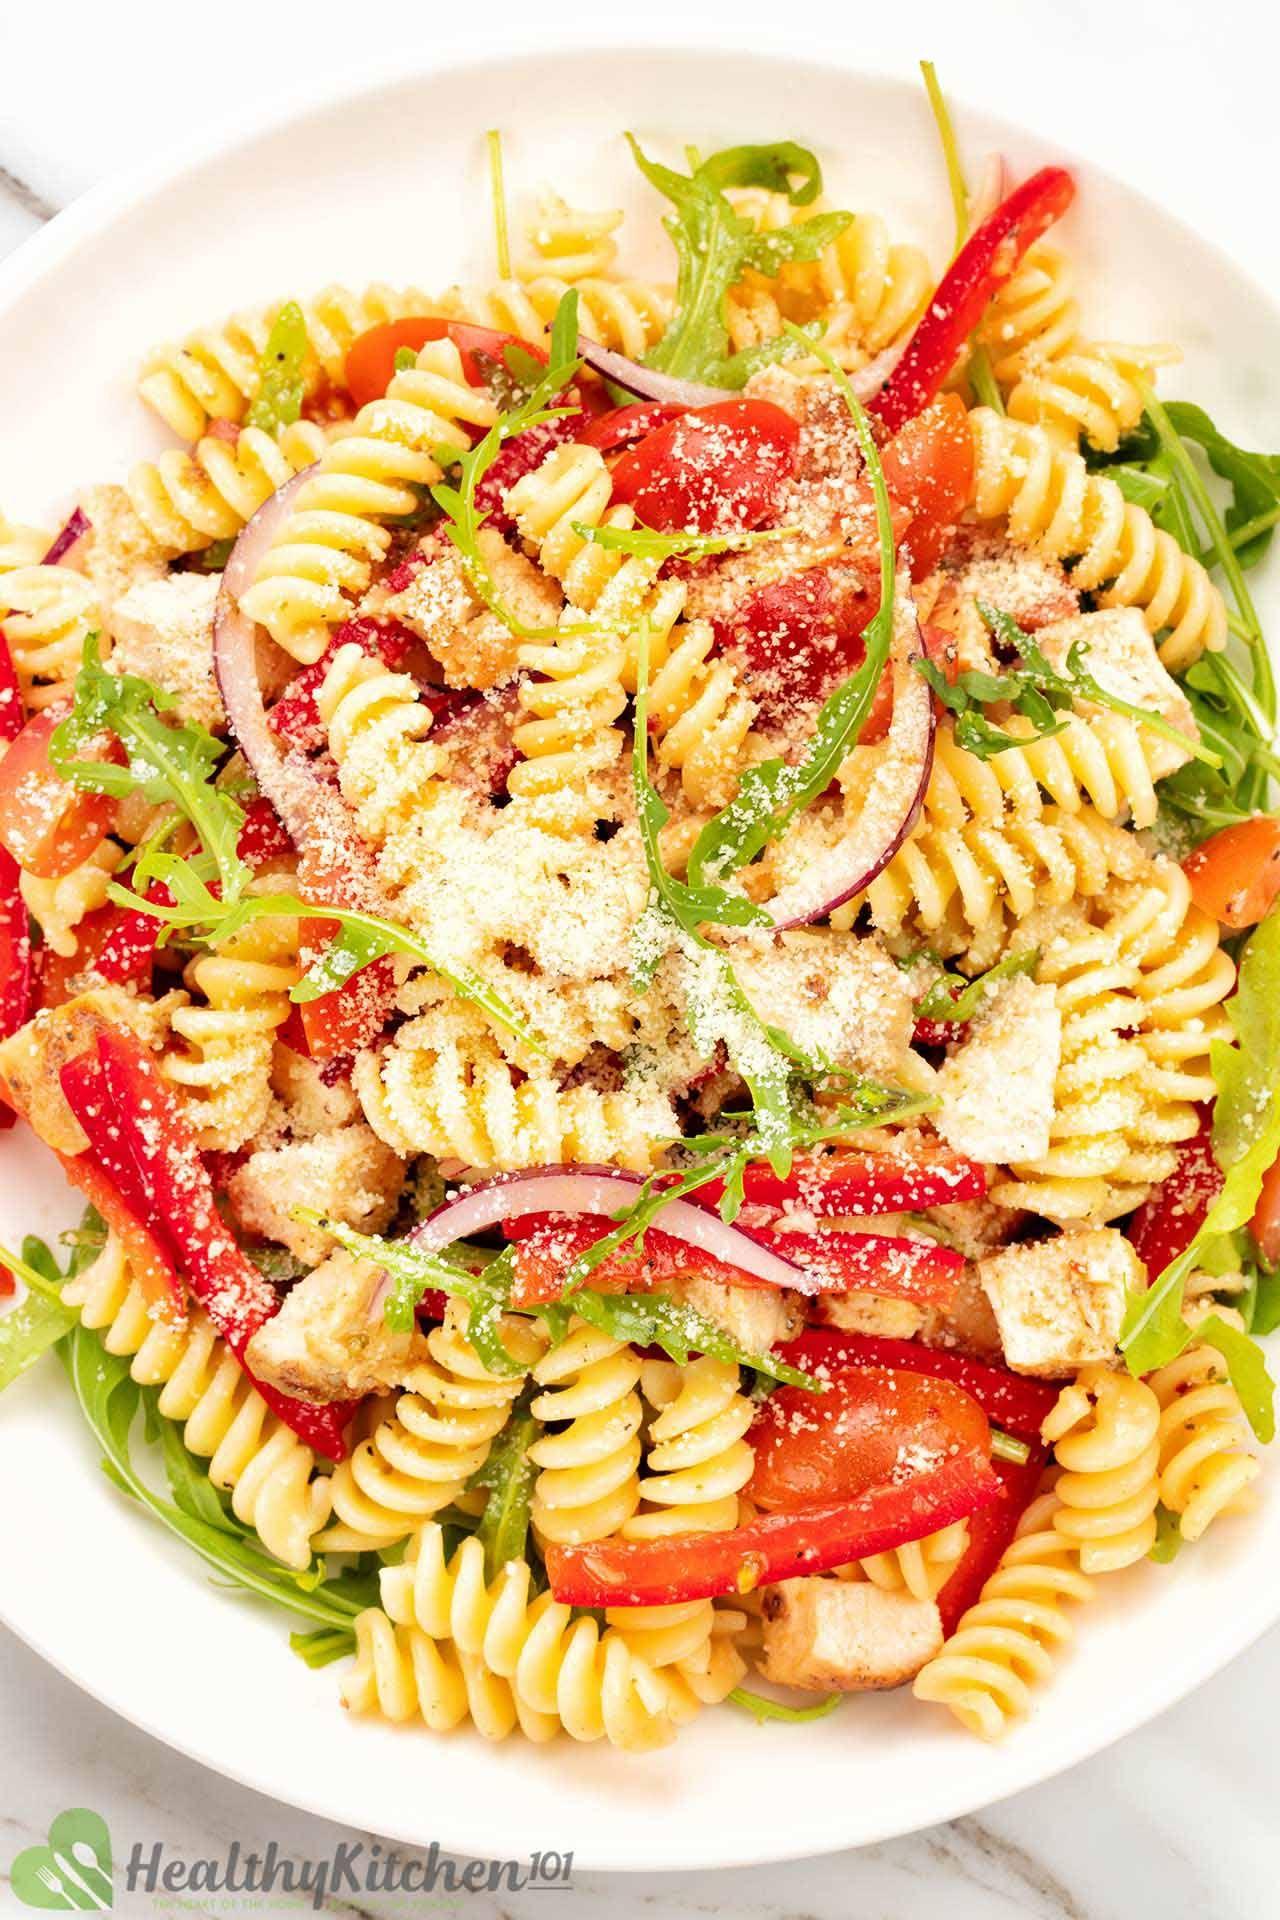 homemade chicken pasta salad recipe